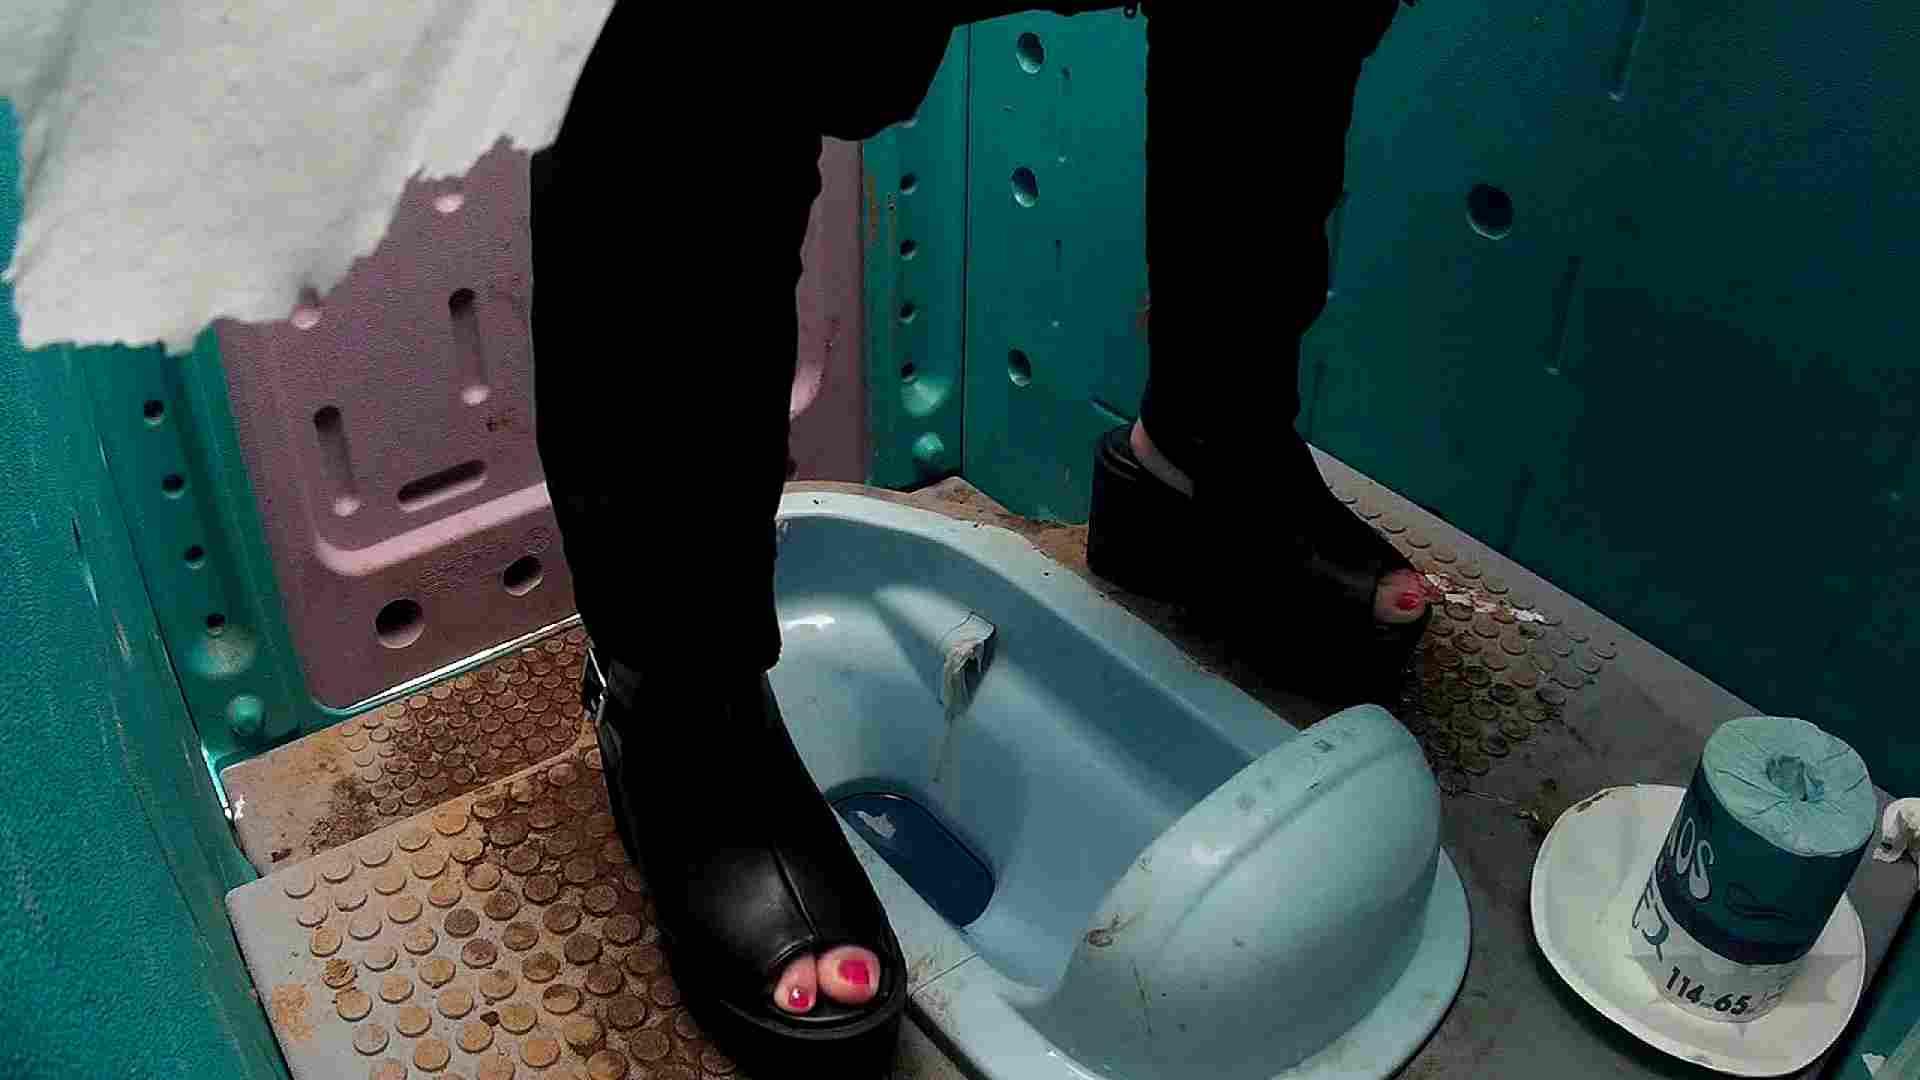 痴態洗面所 Vol.06 中が「マジヤバいヨネ!」洗面所 エッチすぎるOL達  58連発 16